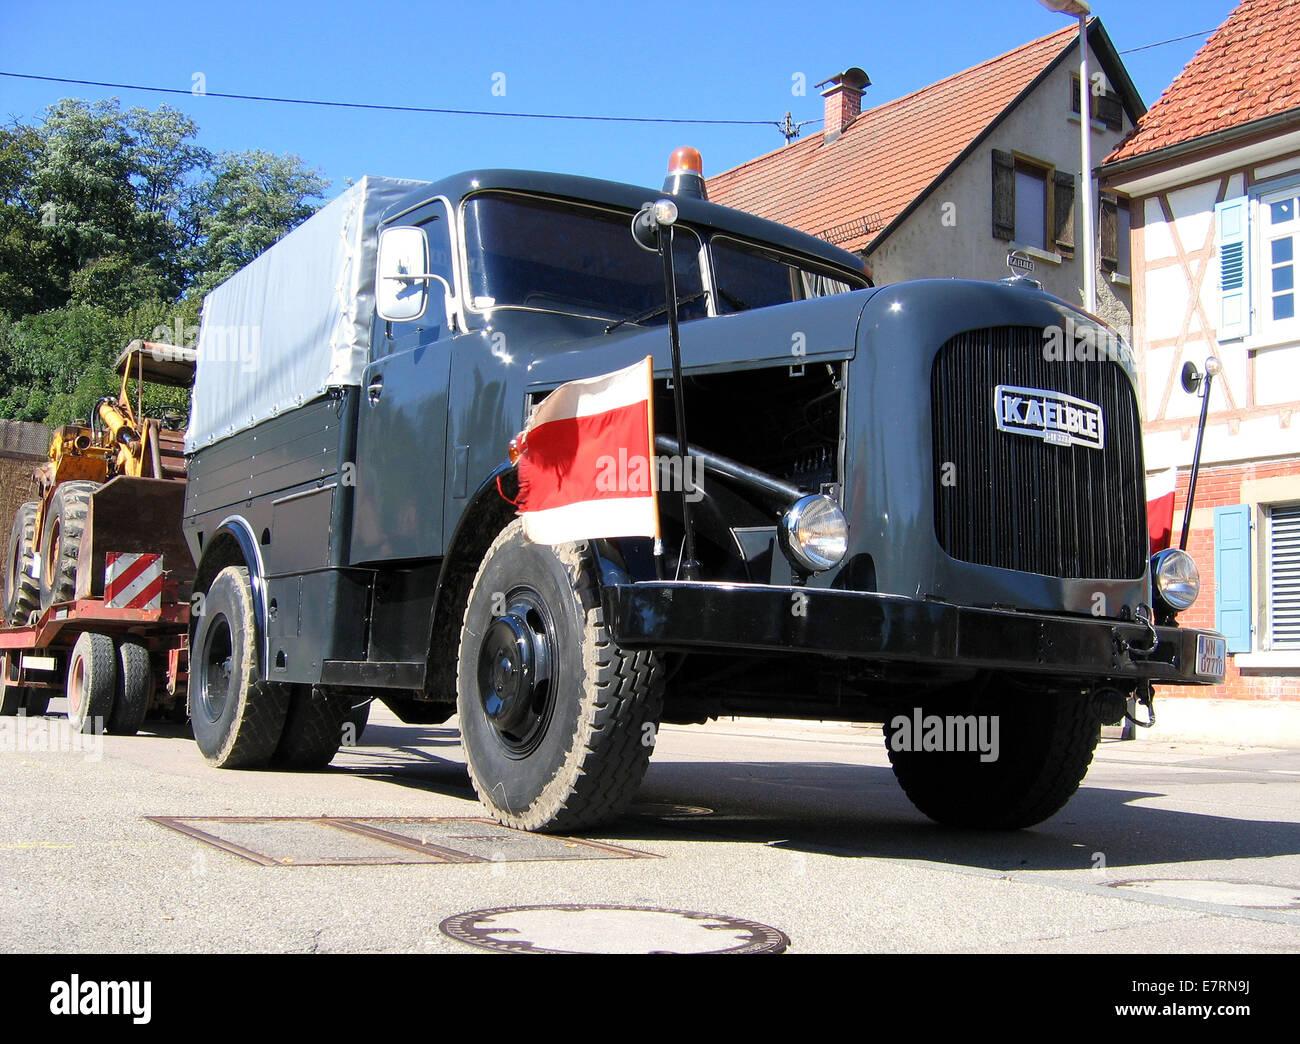 kaelble k 631 zr oldtimer truck german railroad backnang. Black Bedroom Furniture Sets. Home Design Ideas